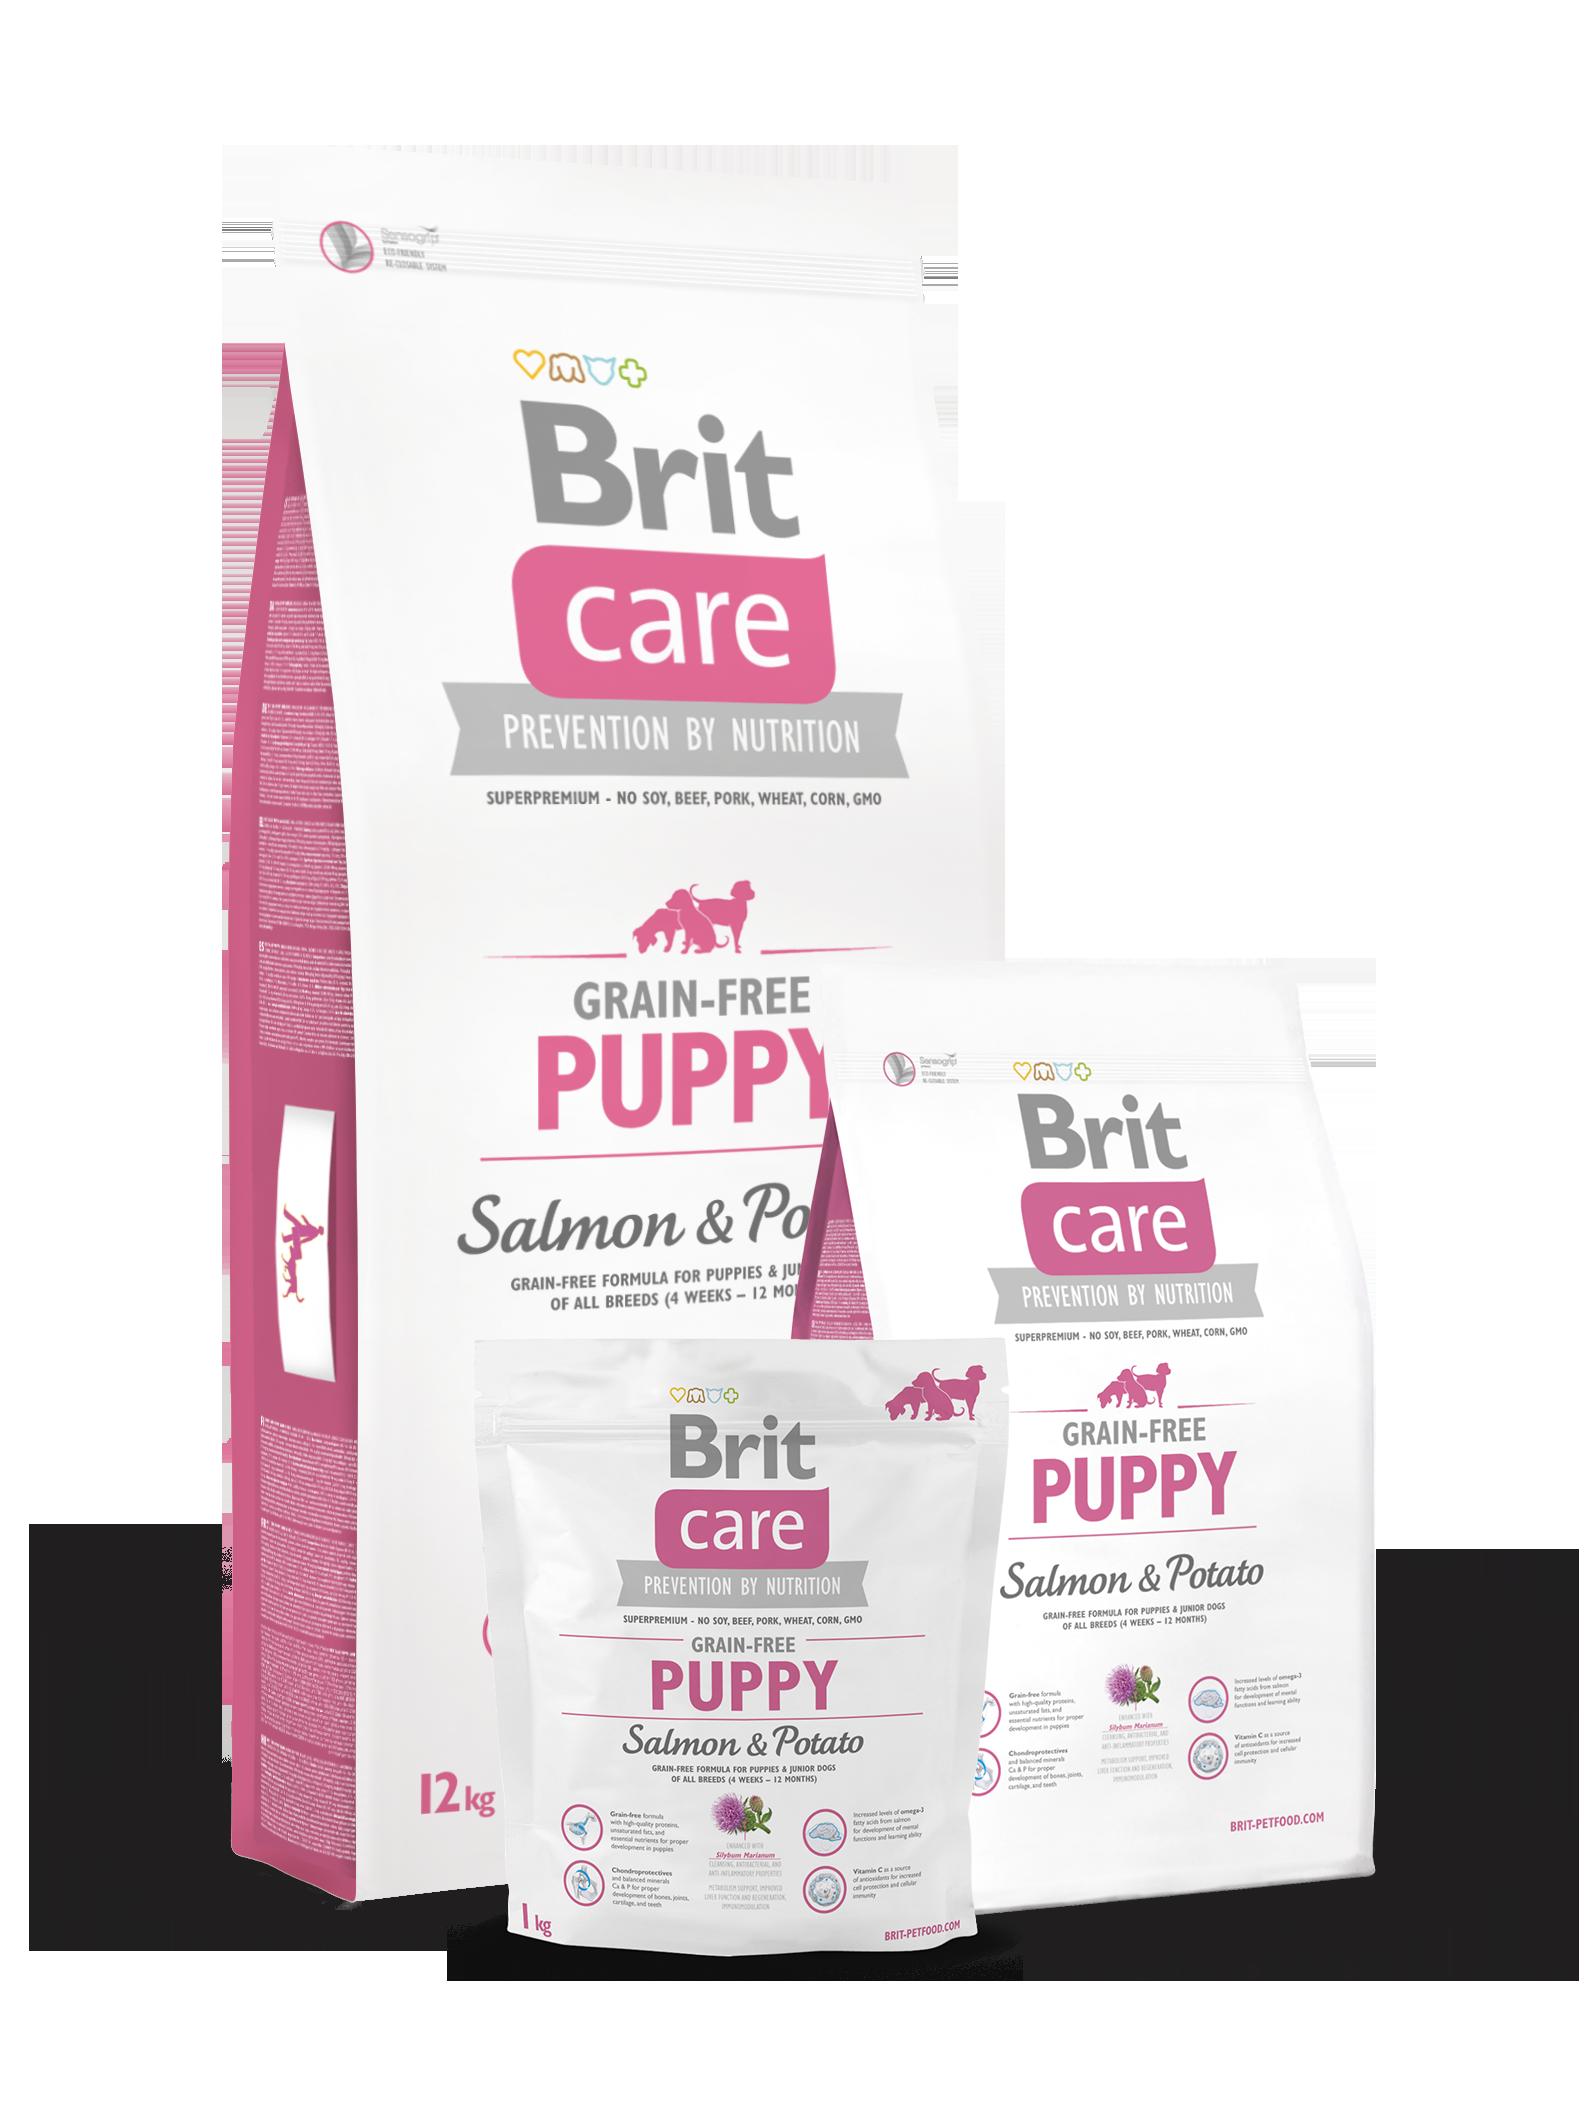 brit care grain-free puppy salmon & potato – brit